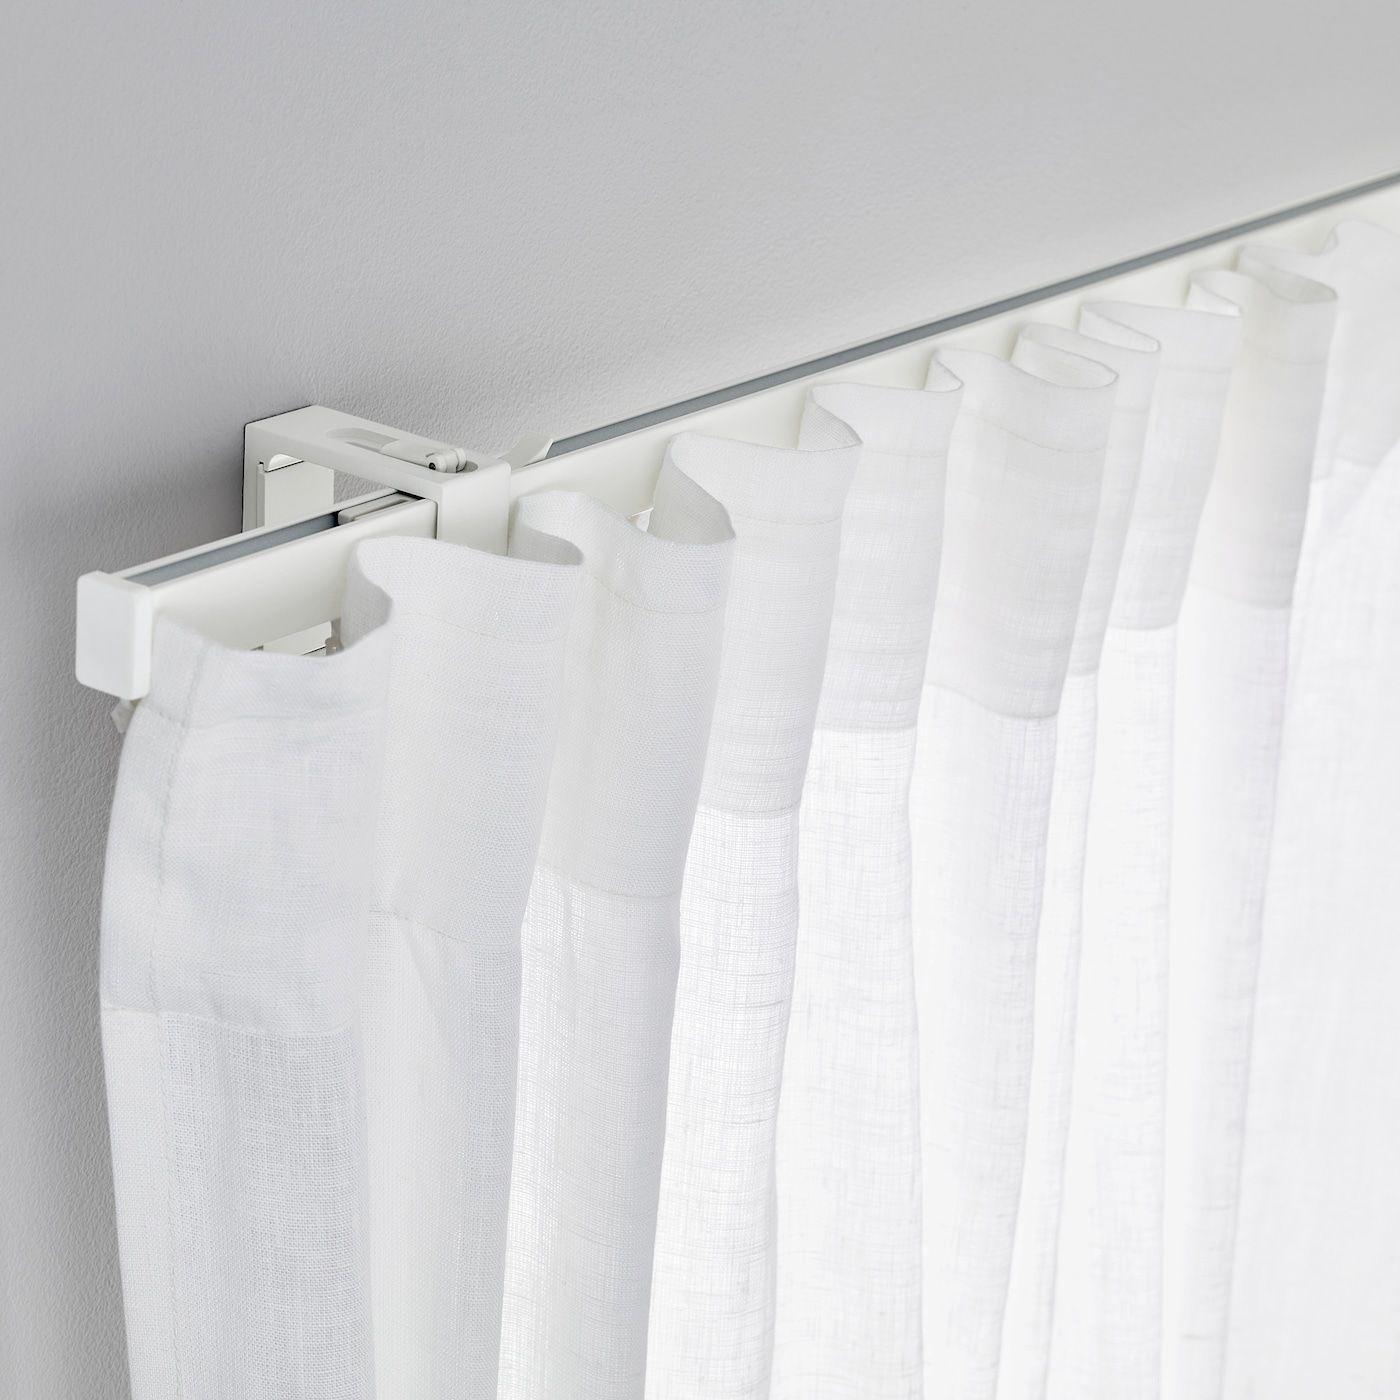 Support Tringle Rideau Ikea ikea - vidga single track rail white in 2020 | curtains